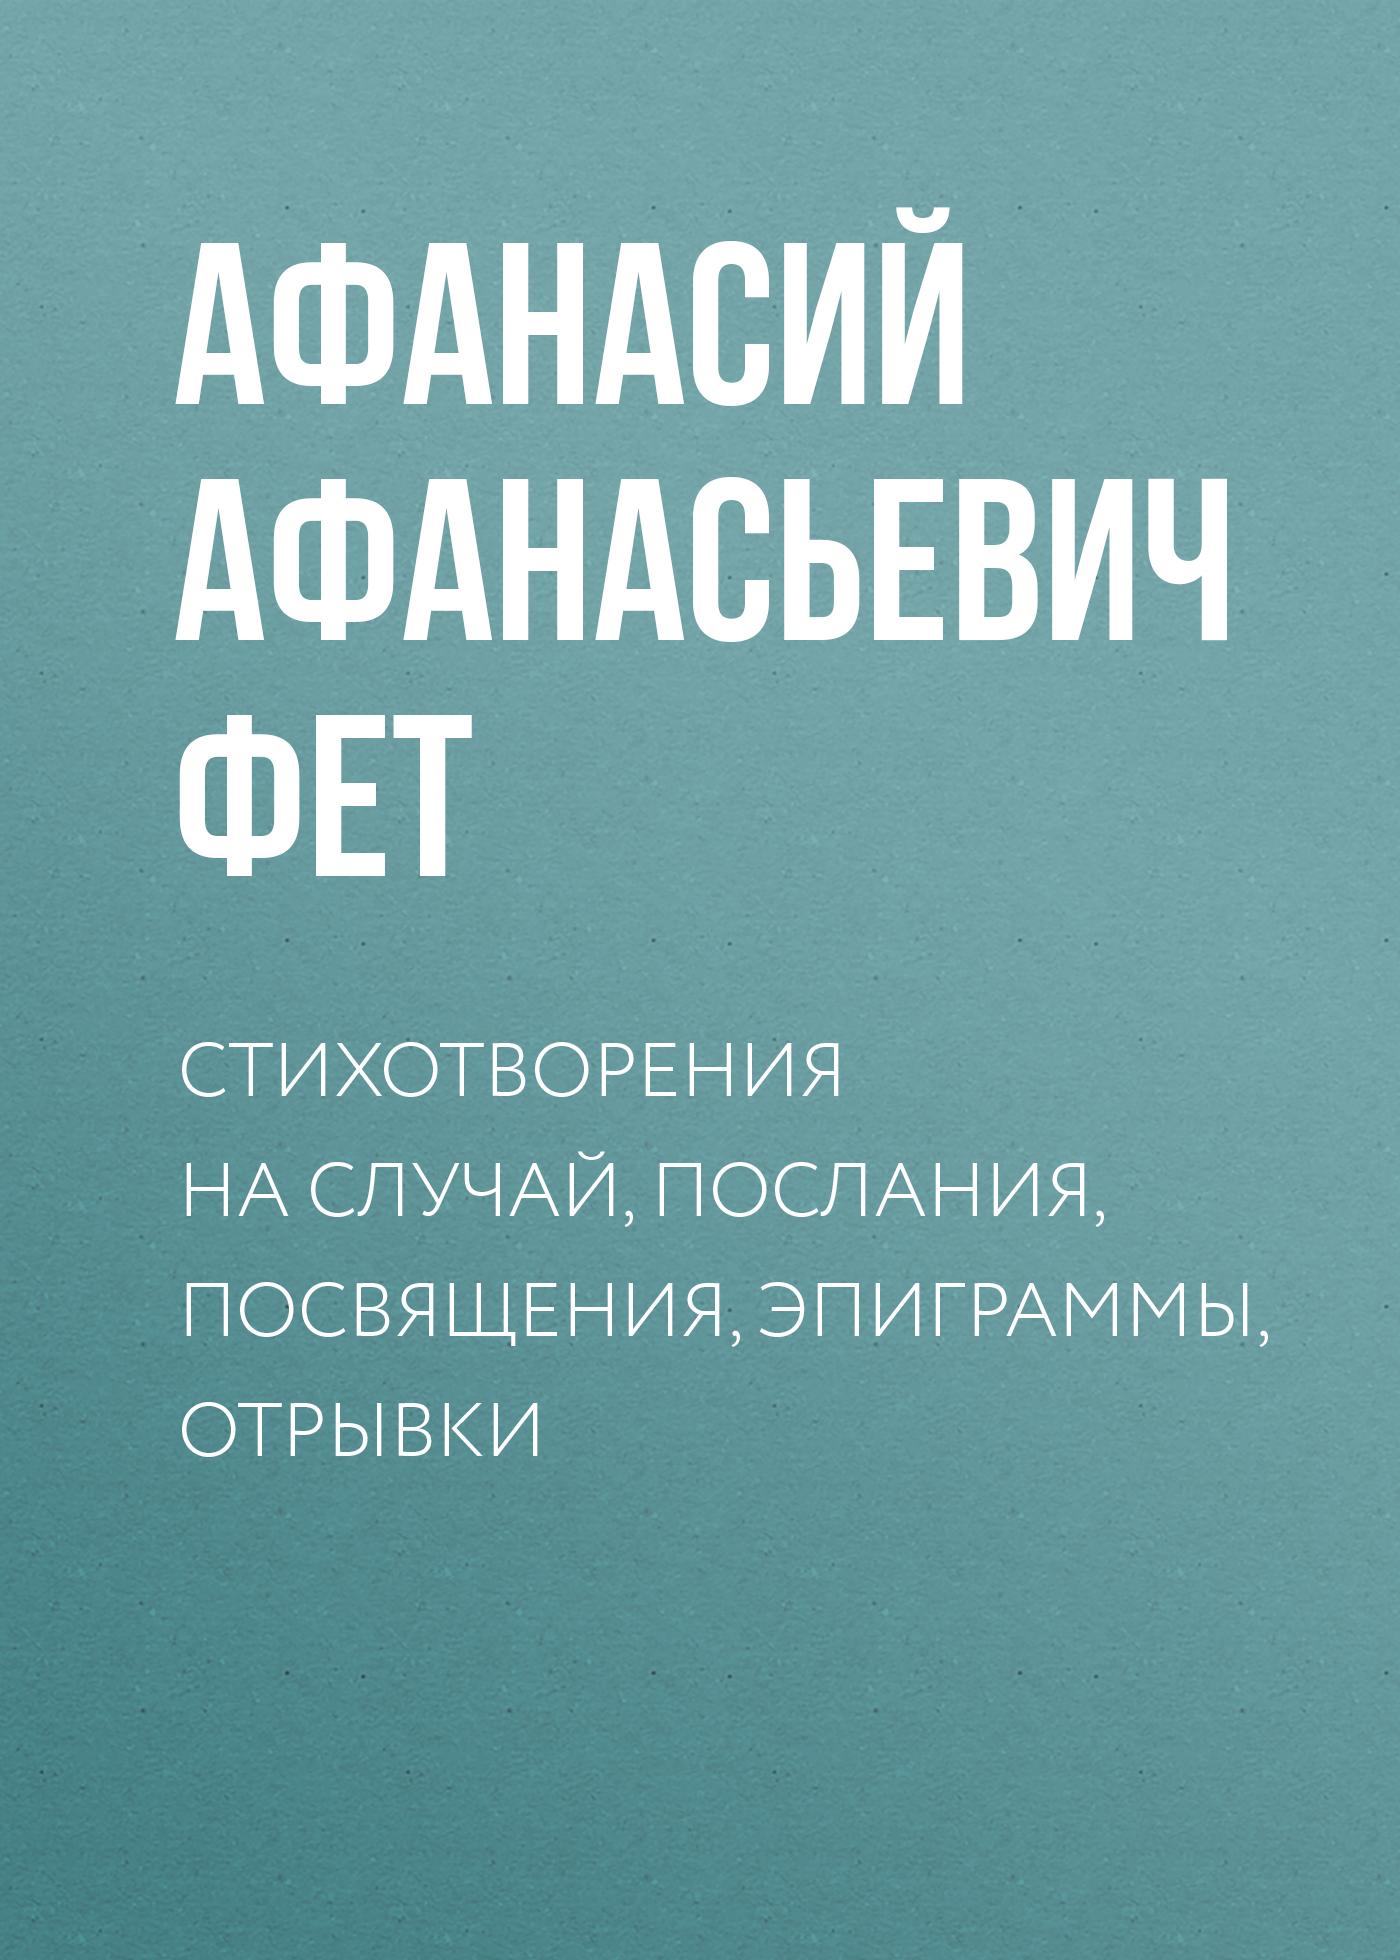 Афанасий Фет Стихотворения на случай, послания, посвящения, эпиграммы, отрывки сканер mustek page express 2448 f